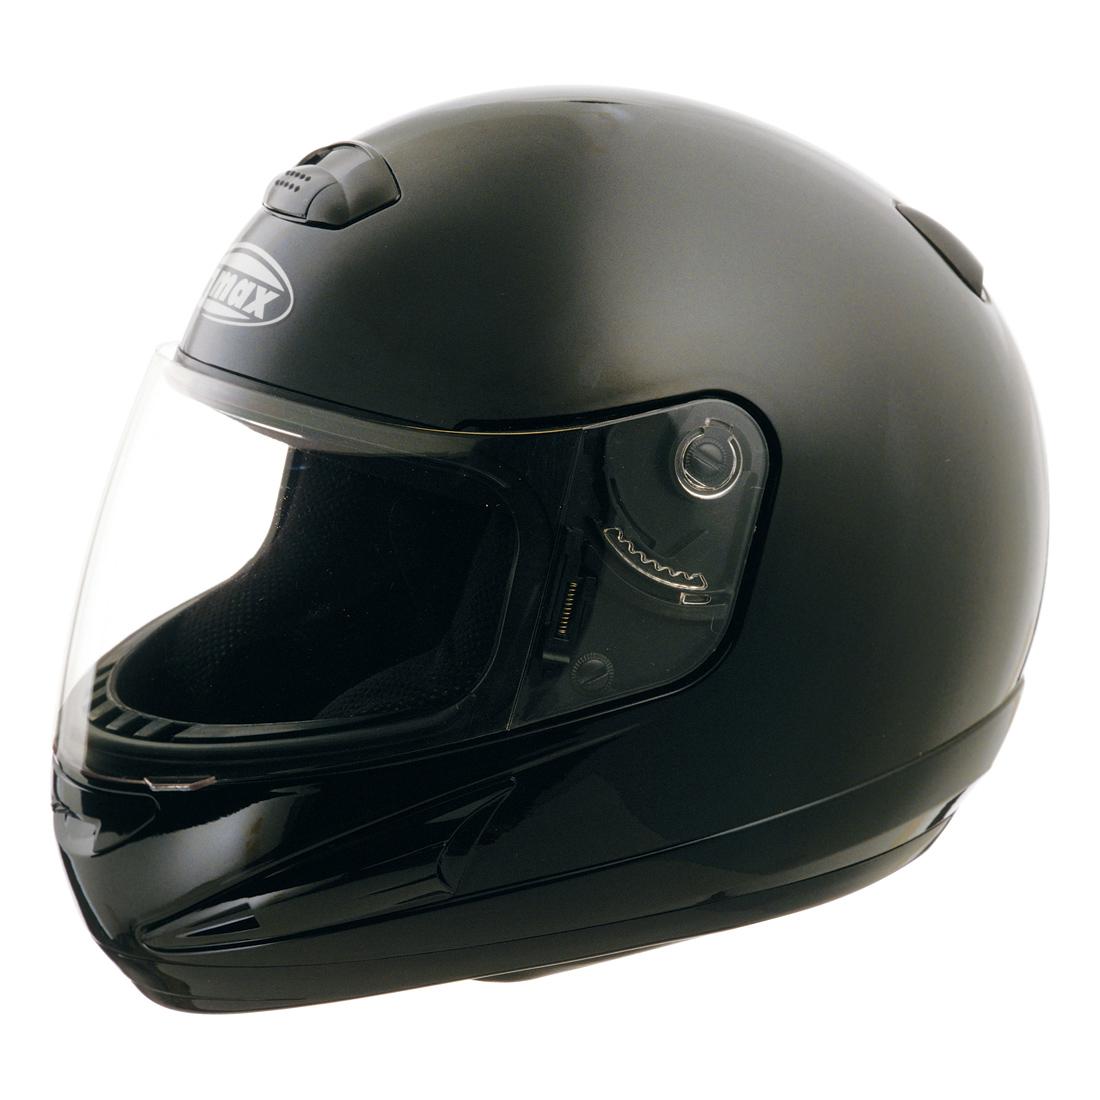 GMAX GM38 Black Full Face Helmet